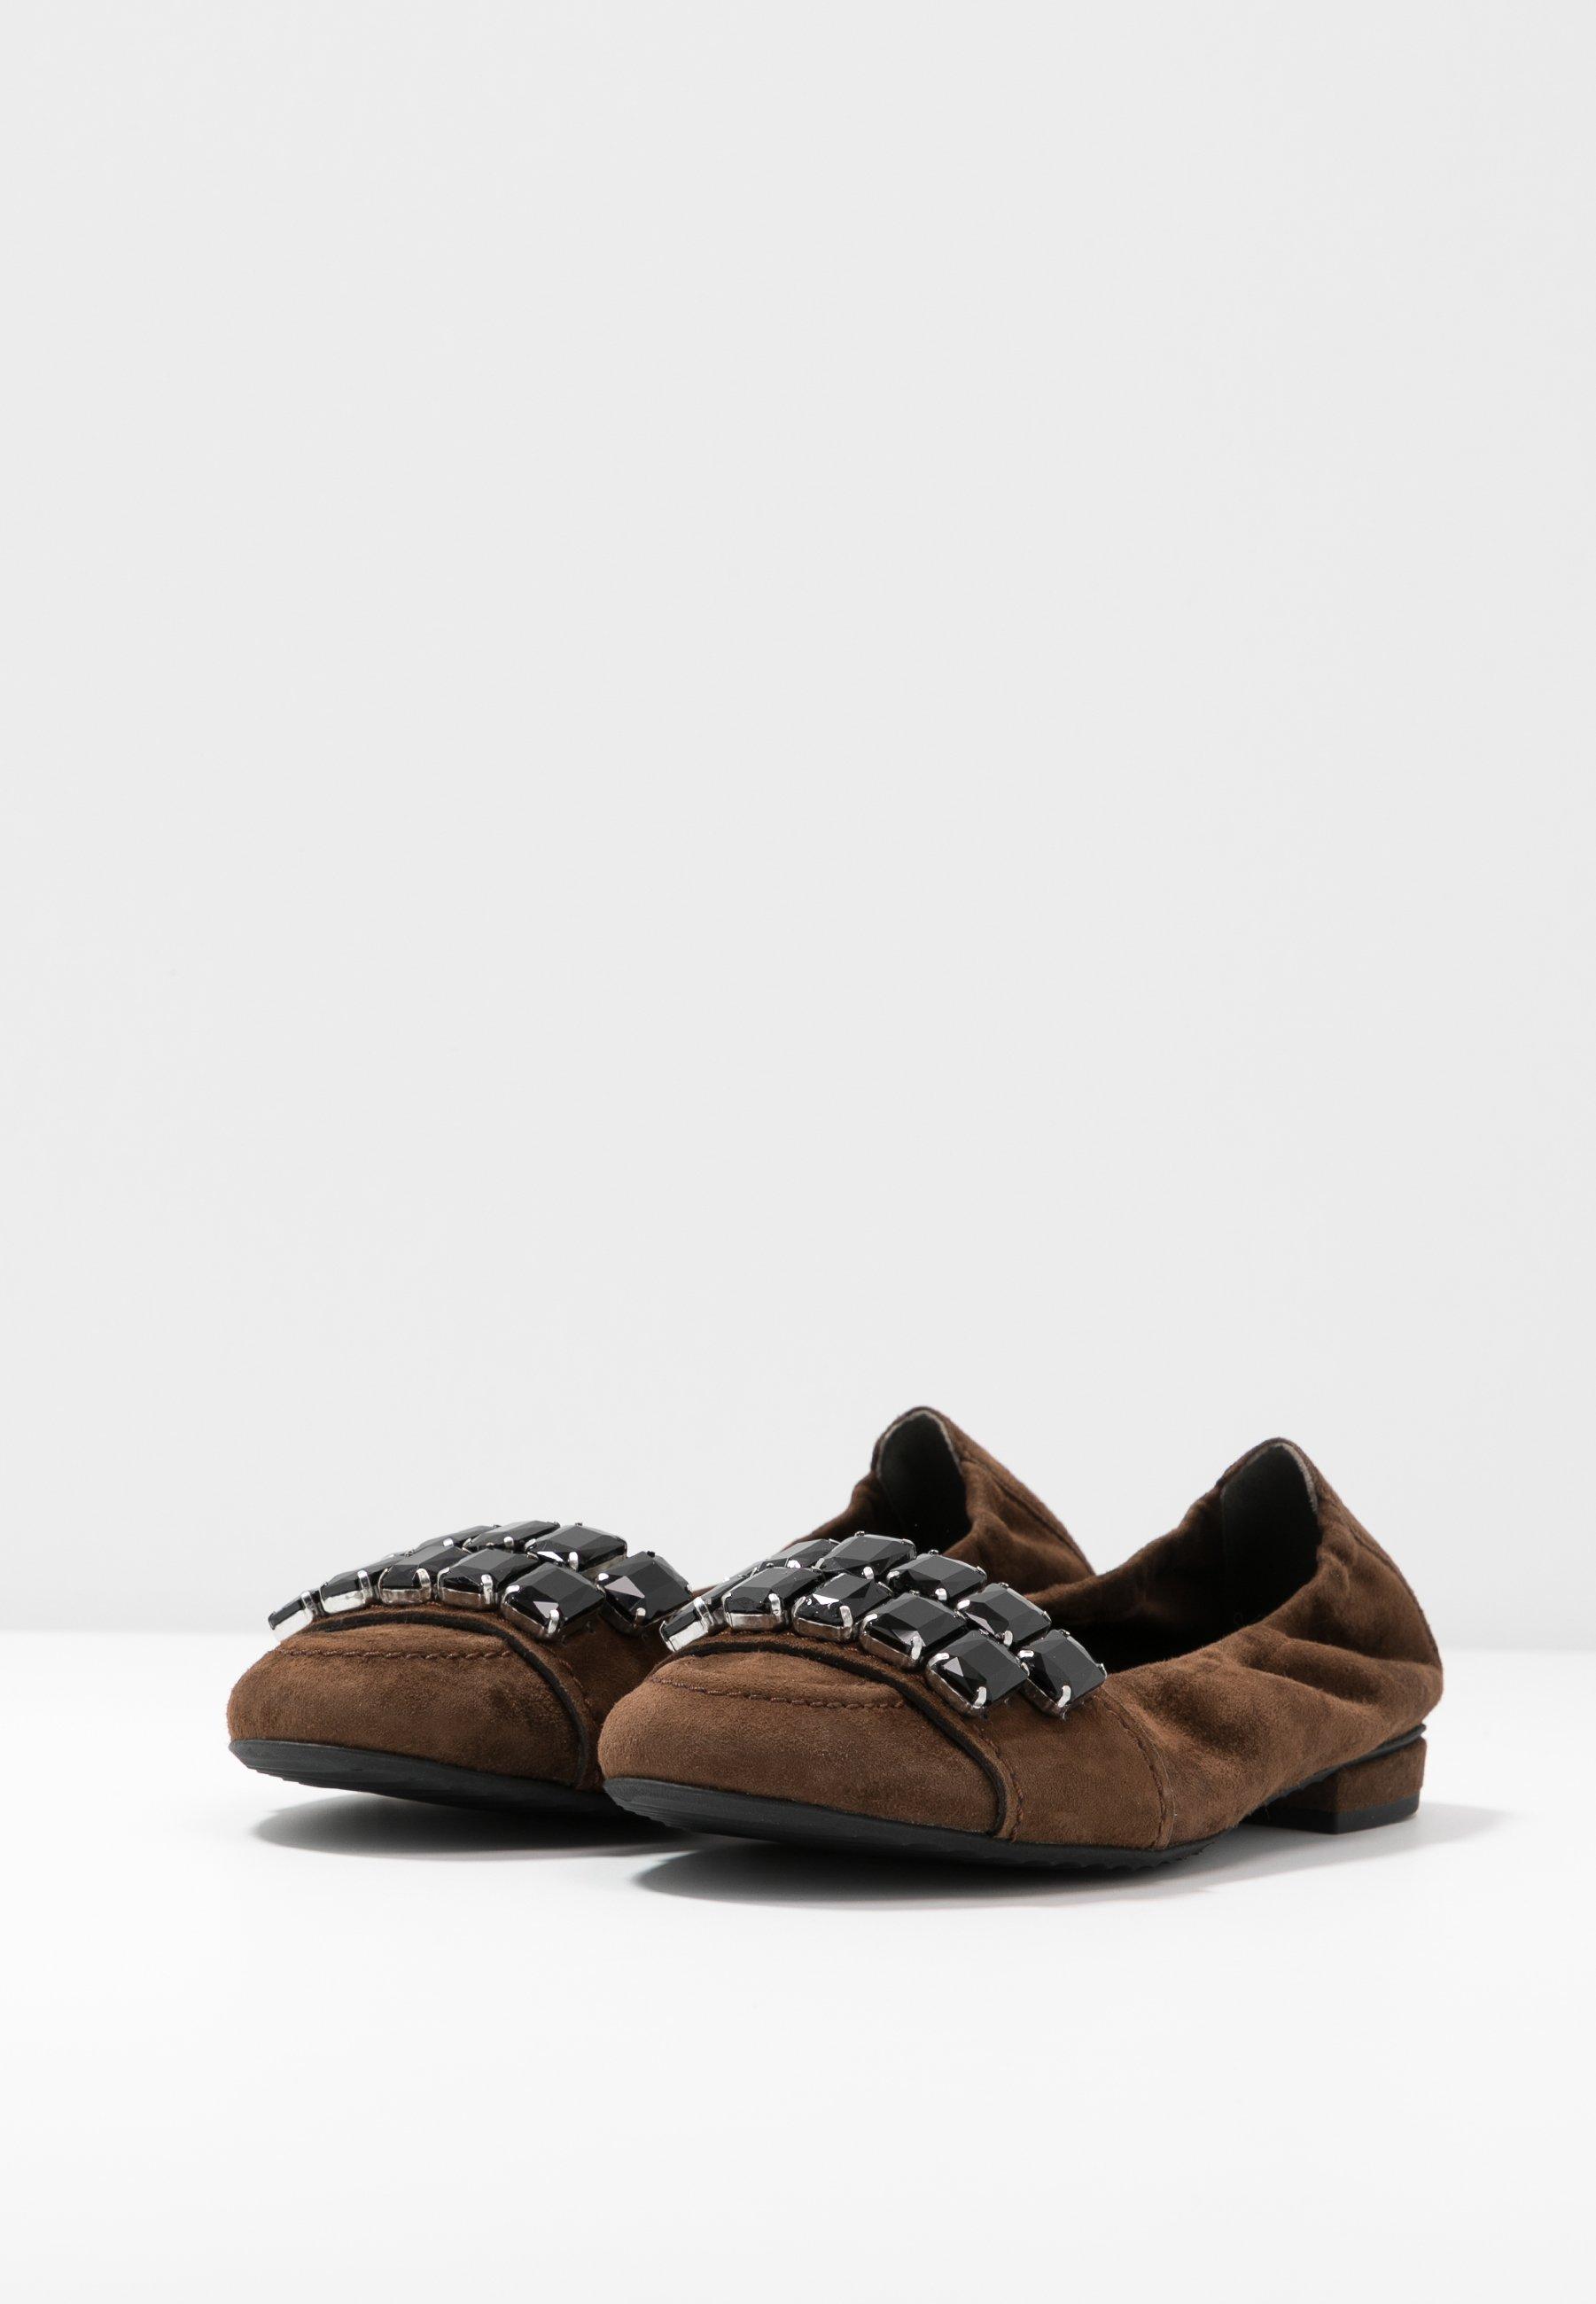 Kennel + Schmenger MALU Klassischer Ballerina cocoa/black/schwarz